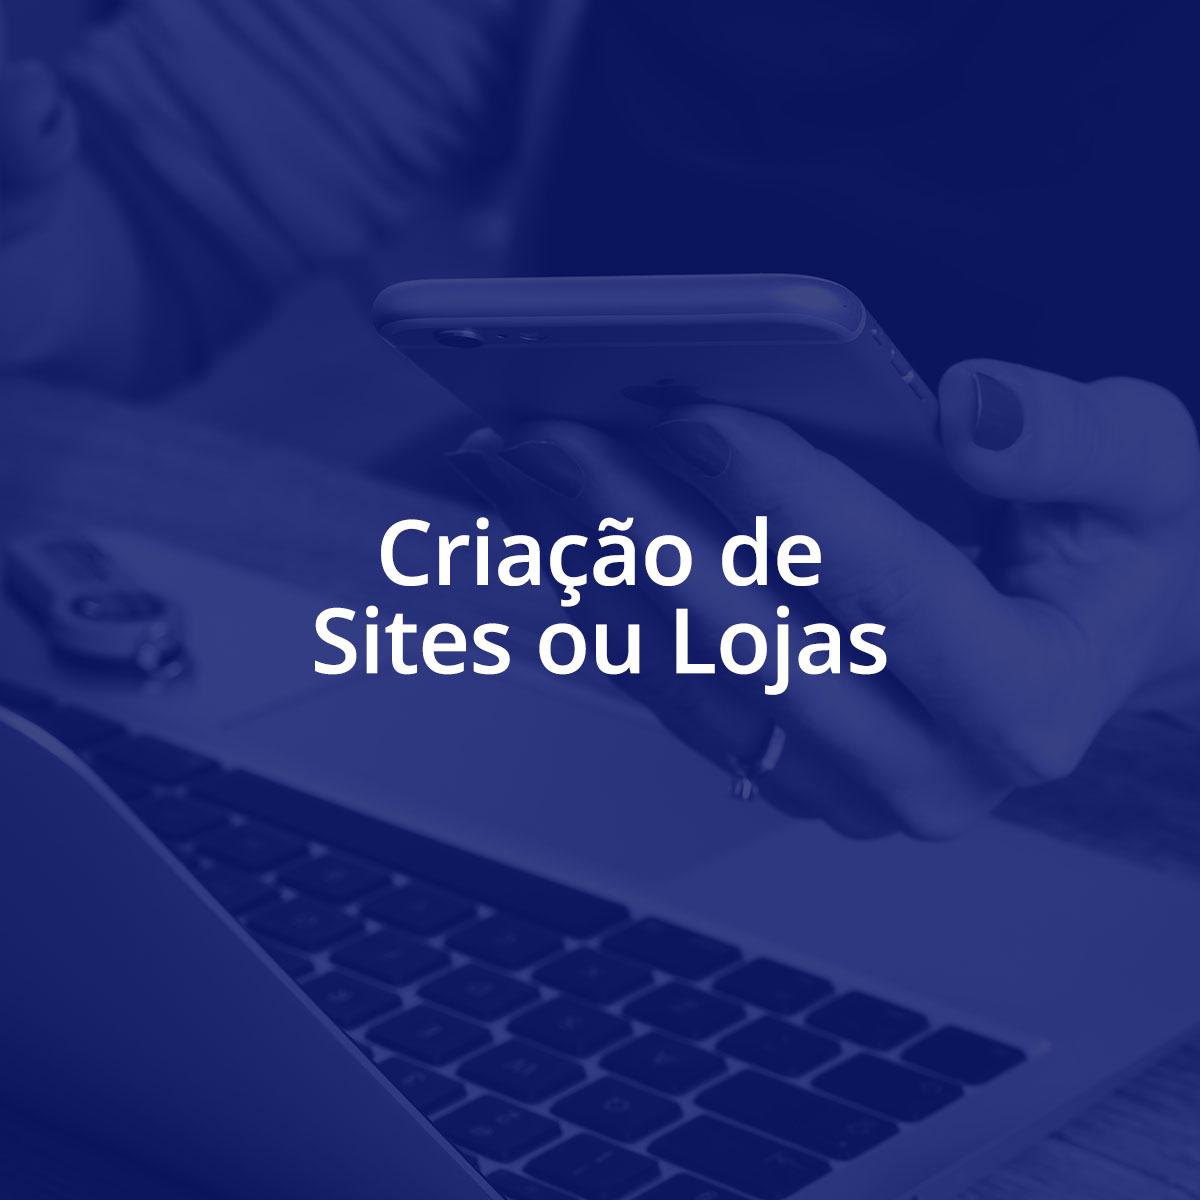 servico-criacao-sites-lojas-2